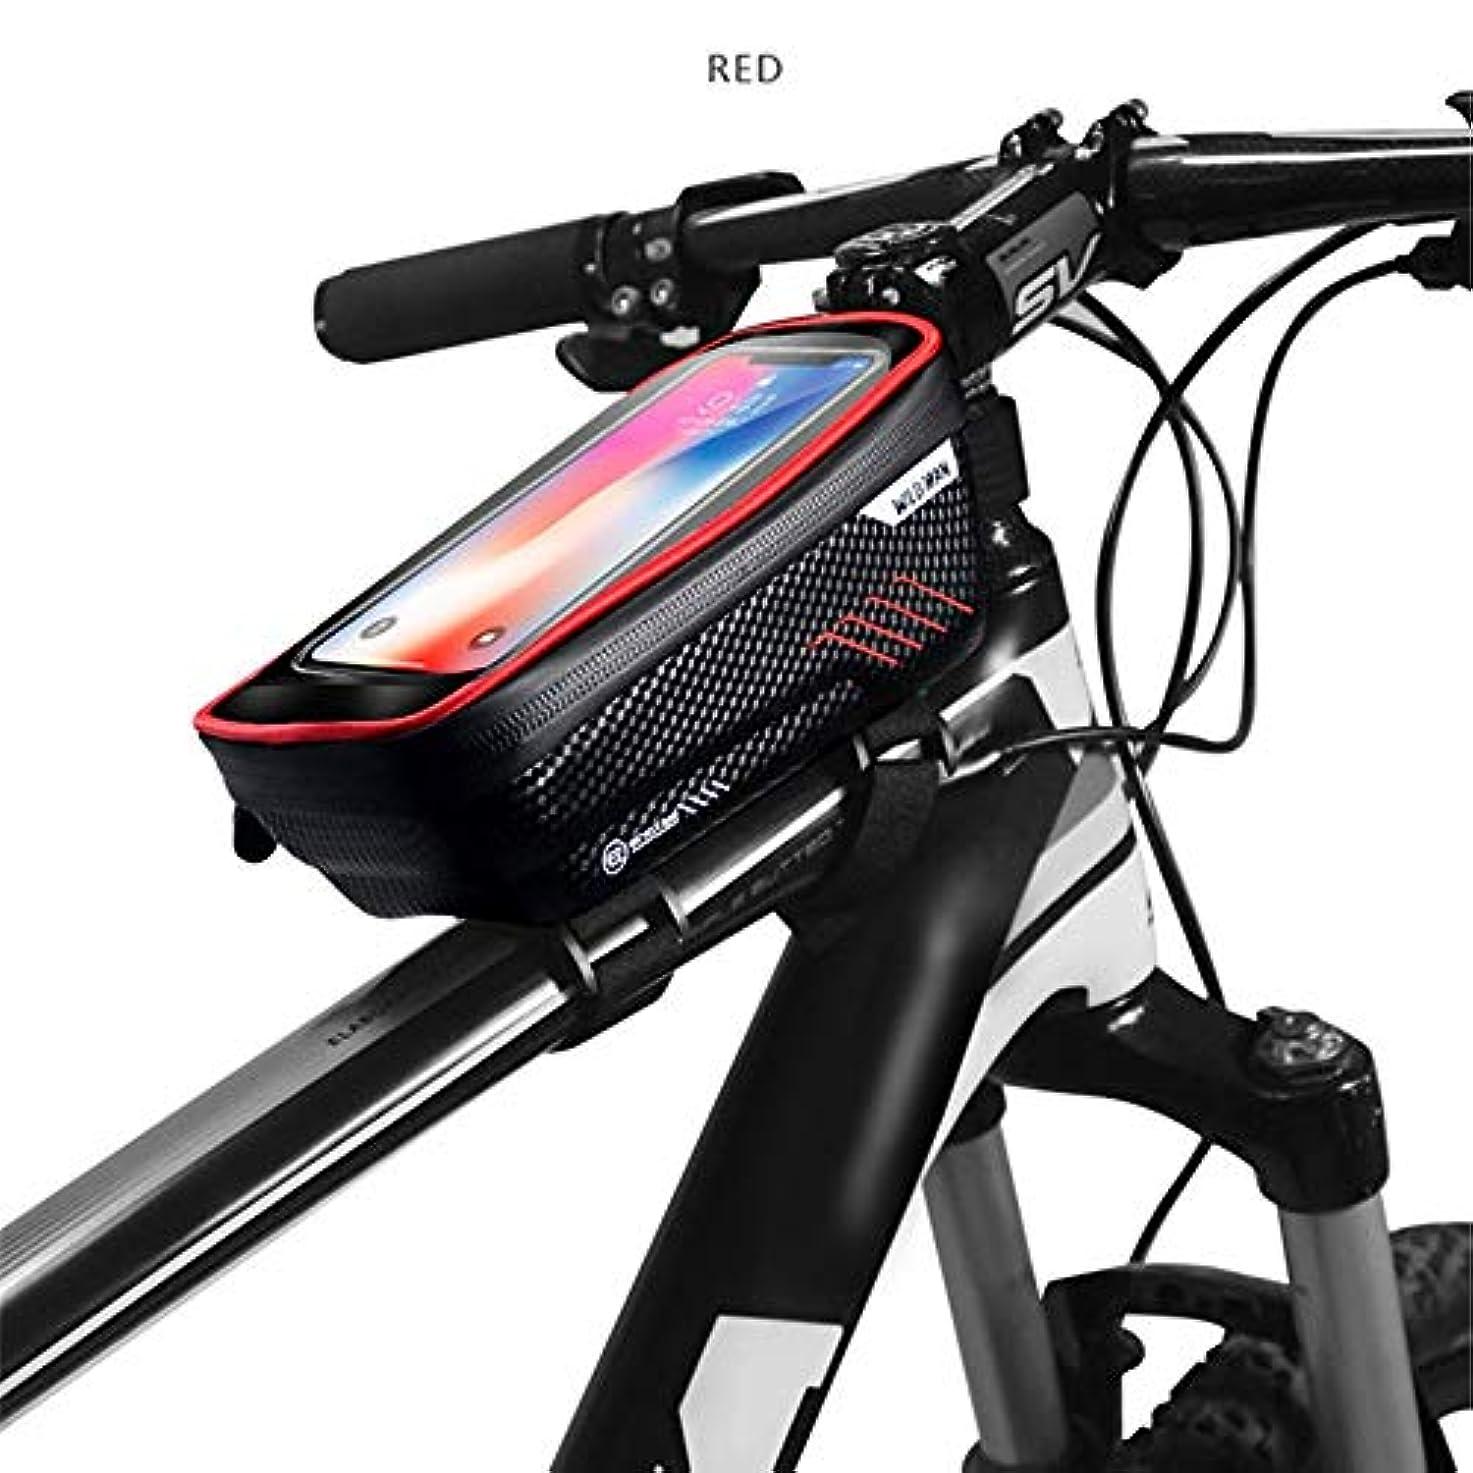 制限歌うファセットマウンテンバイクバッグ防雨防水mtbフロントバッグ6.2インチ携帯電話ケース自転車トップチューブバッグサイクリングアクセサリー (Color : Red)